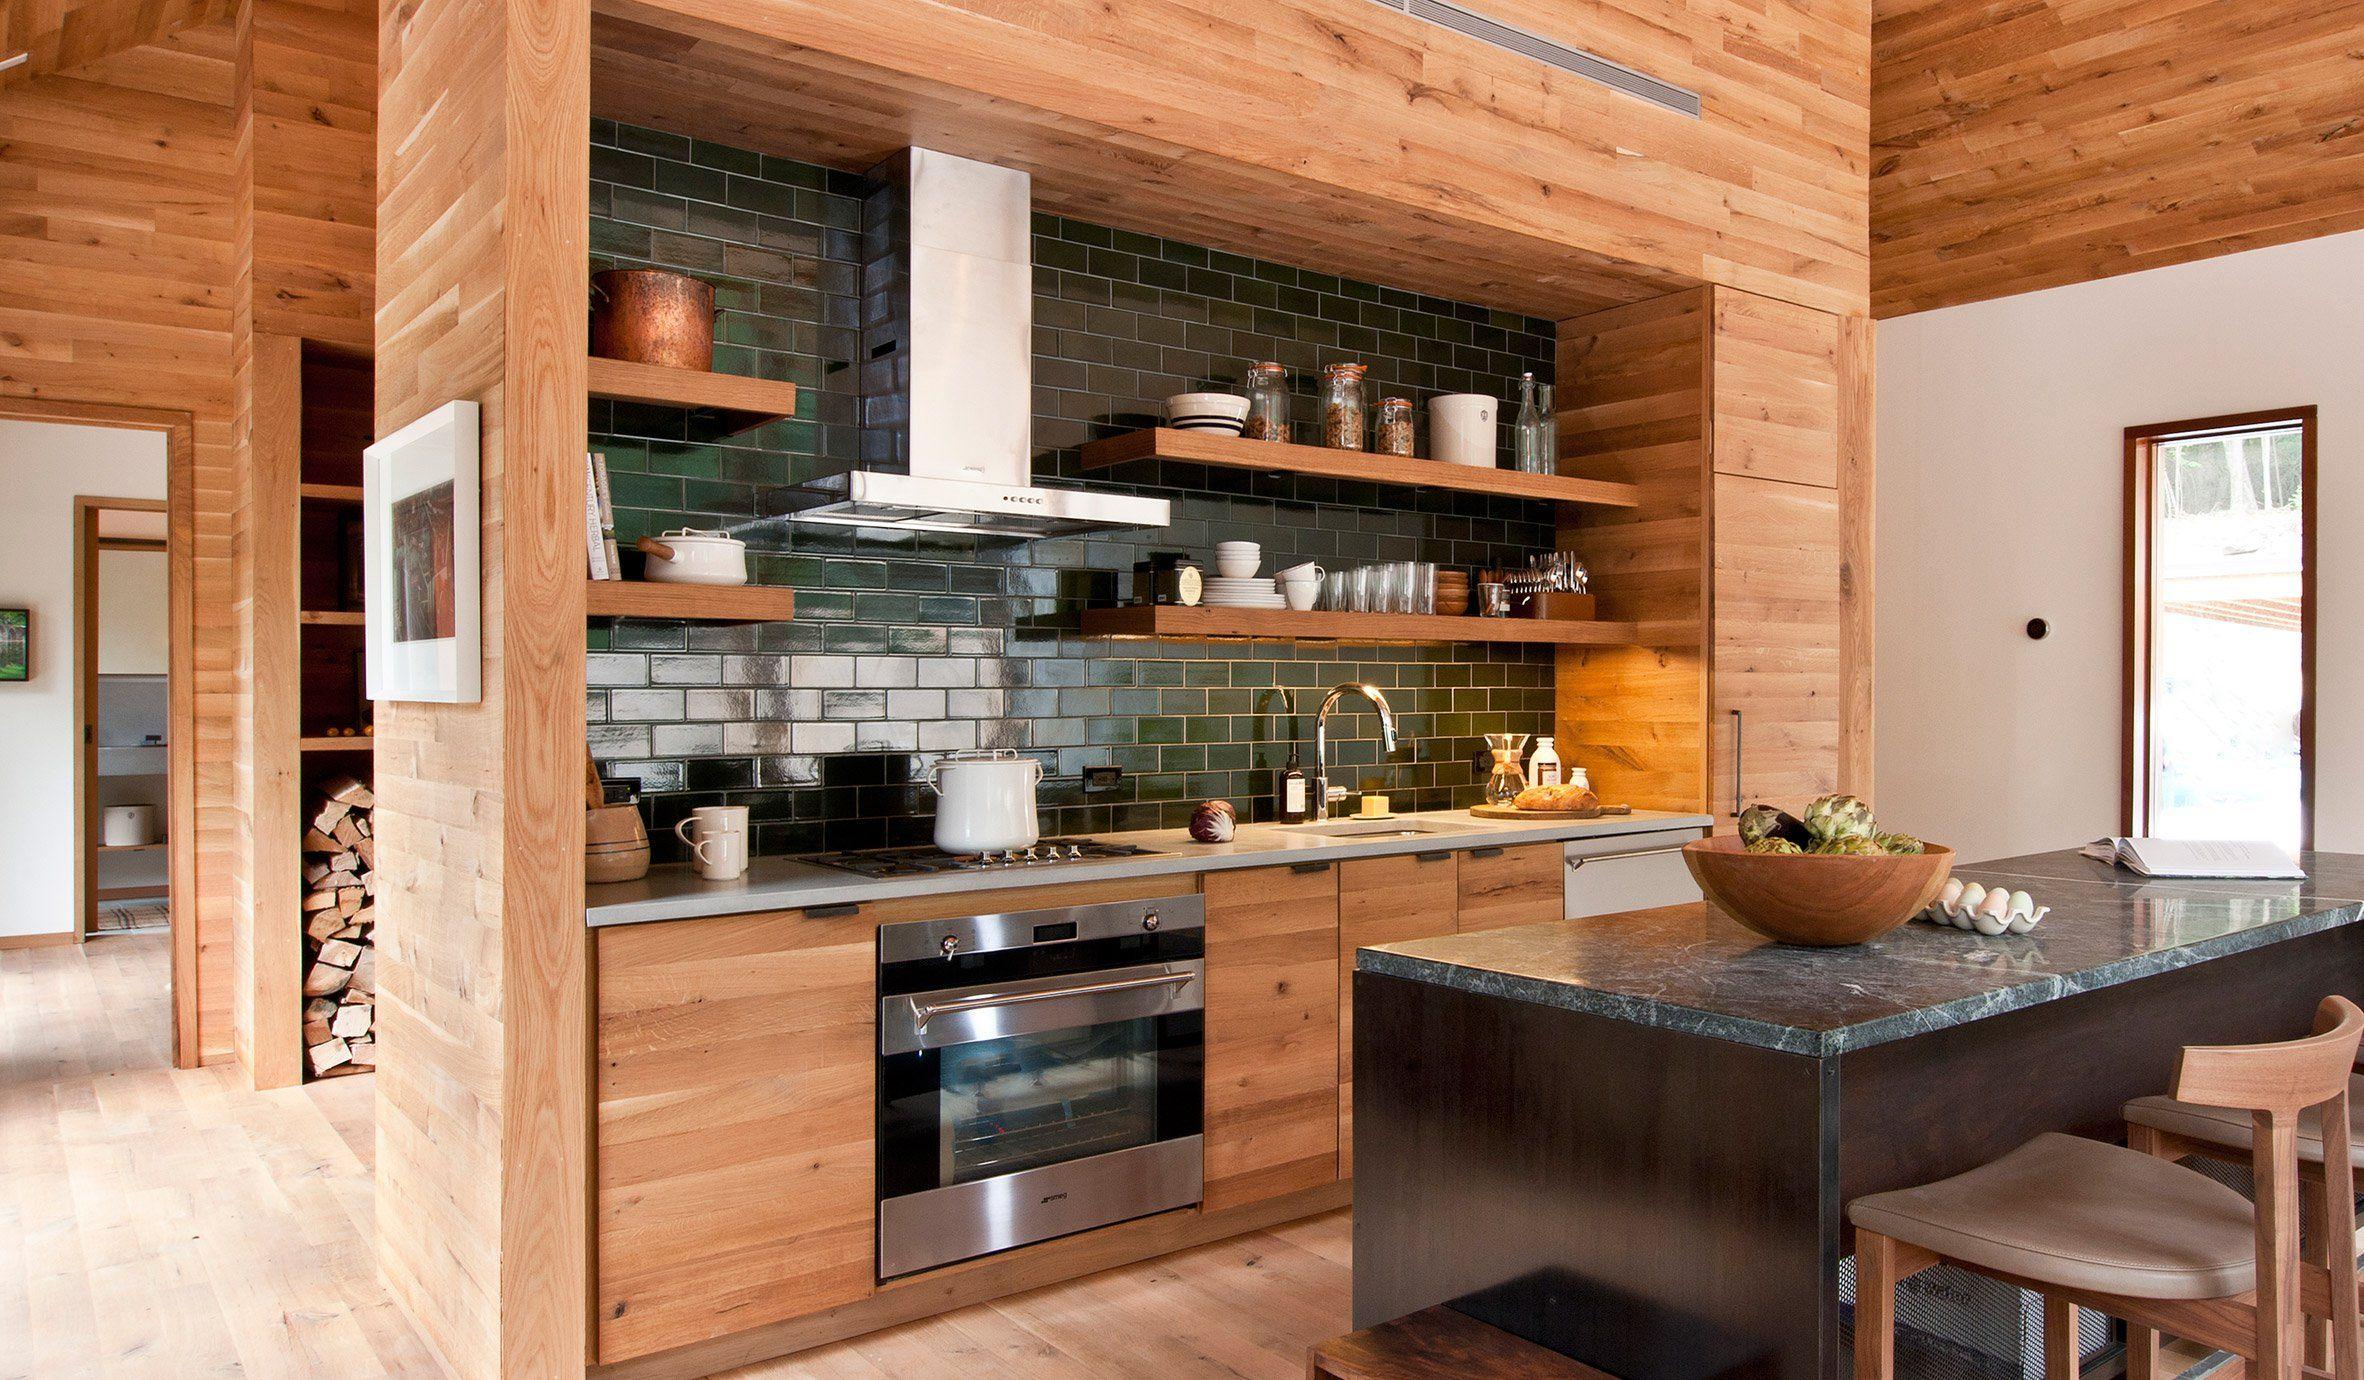 Apaixonante esta #cozinha aberta, toda em #madeira – revestimento que se estende pelo teto e algumas paredes da casa. O detalhe da #cerâmica verde atrás da bancada é a cereja do bolo!